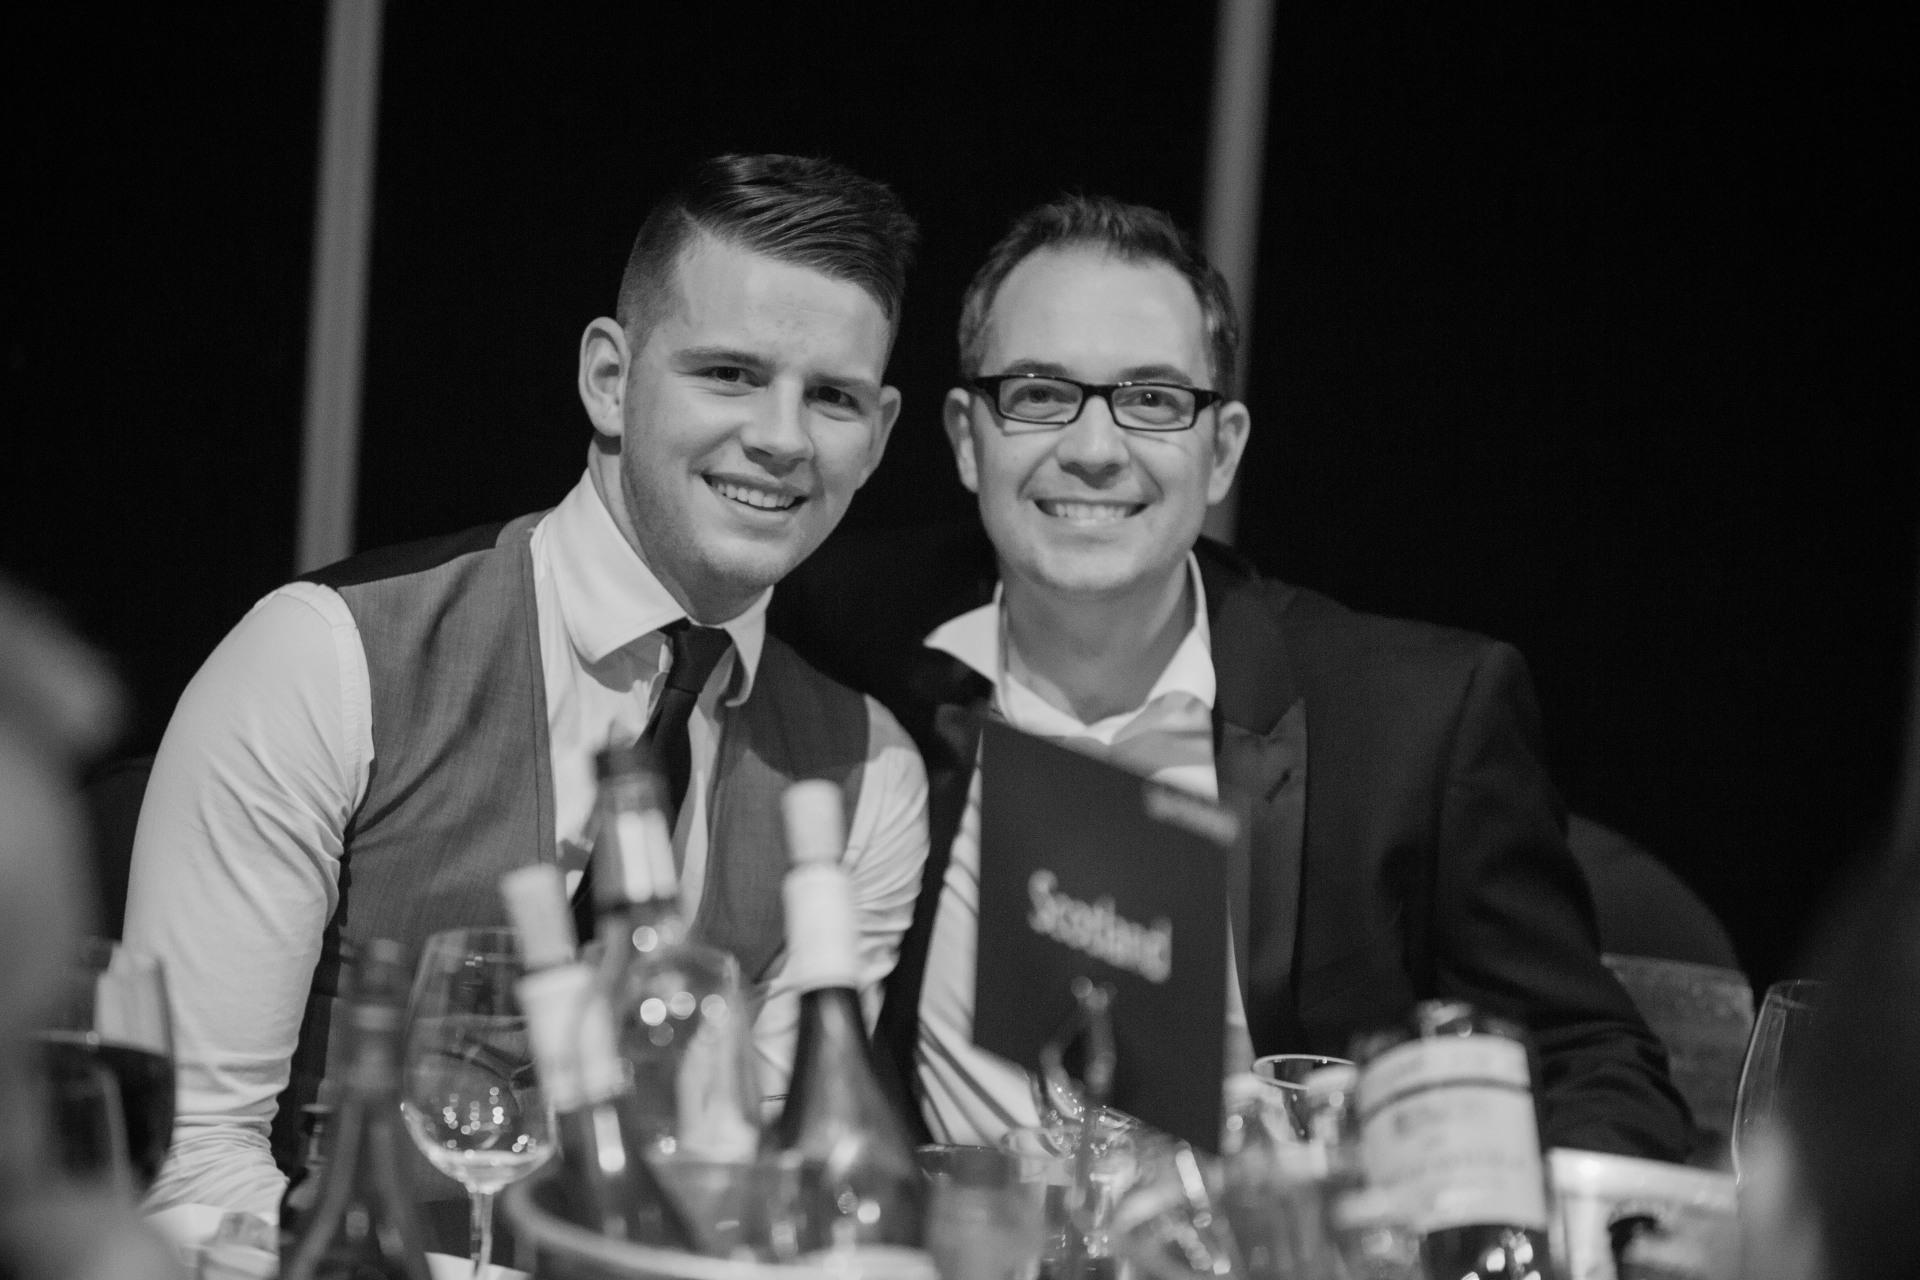 2014 - Danny Anderson & Tony Anderson, both Dana